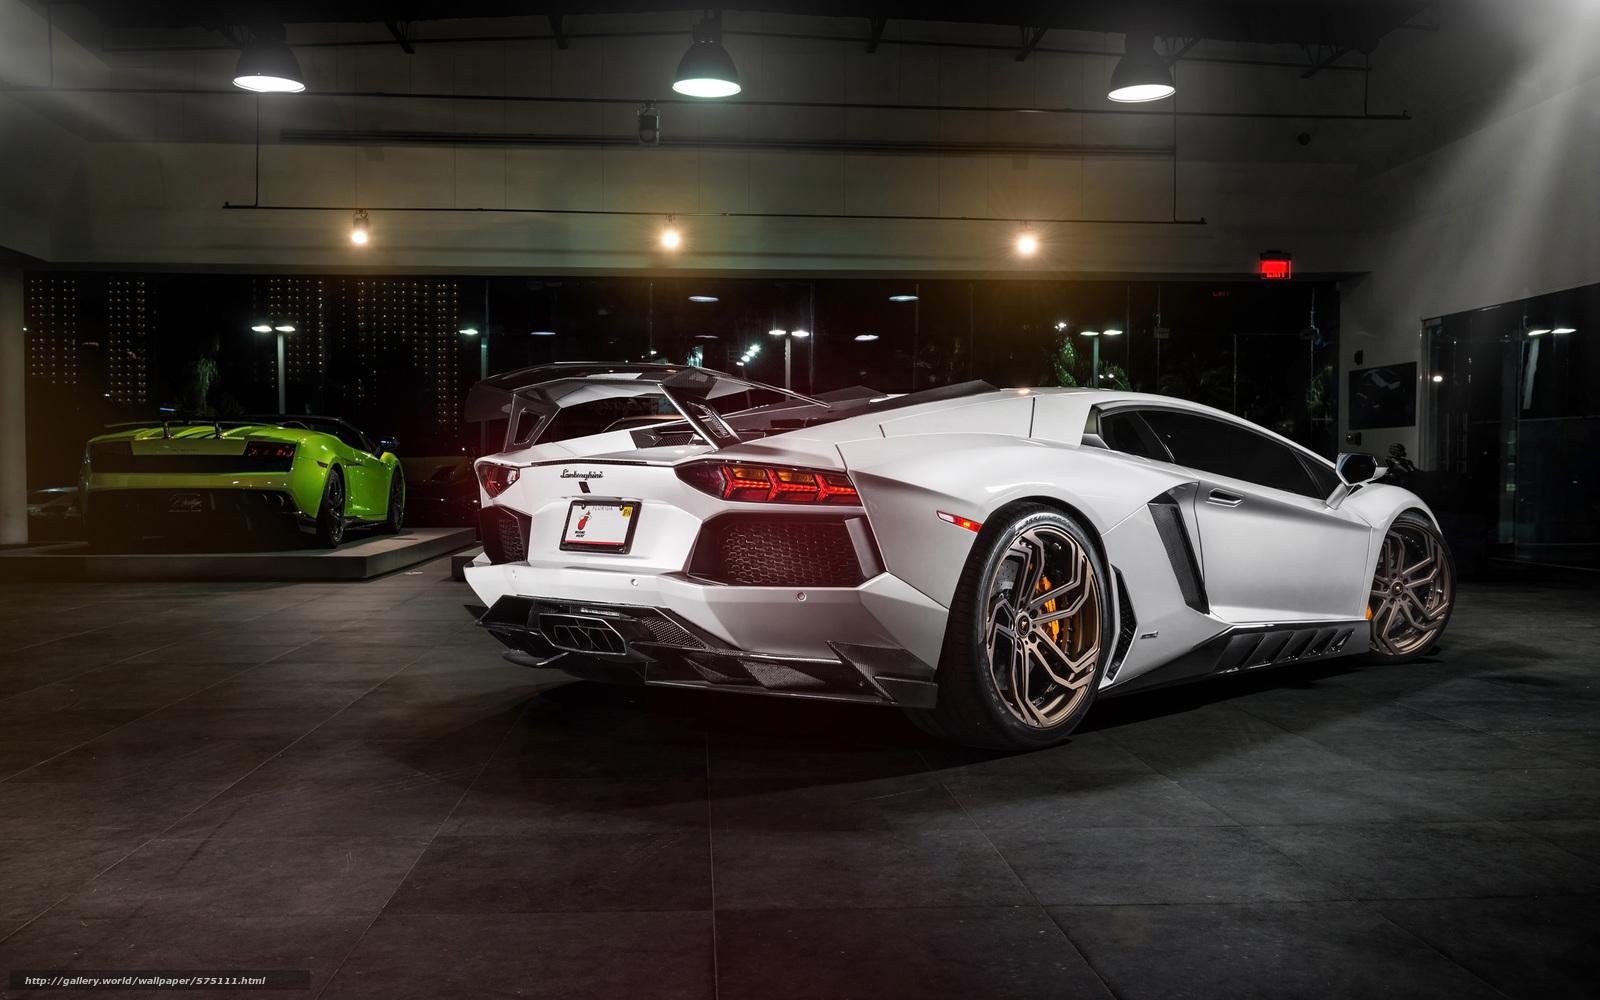 Скачать обои автообои,  тюнинг,  Lamborghini бесплатно для рабочего стола в разрешении 2560x1600 — картинка №575111